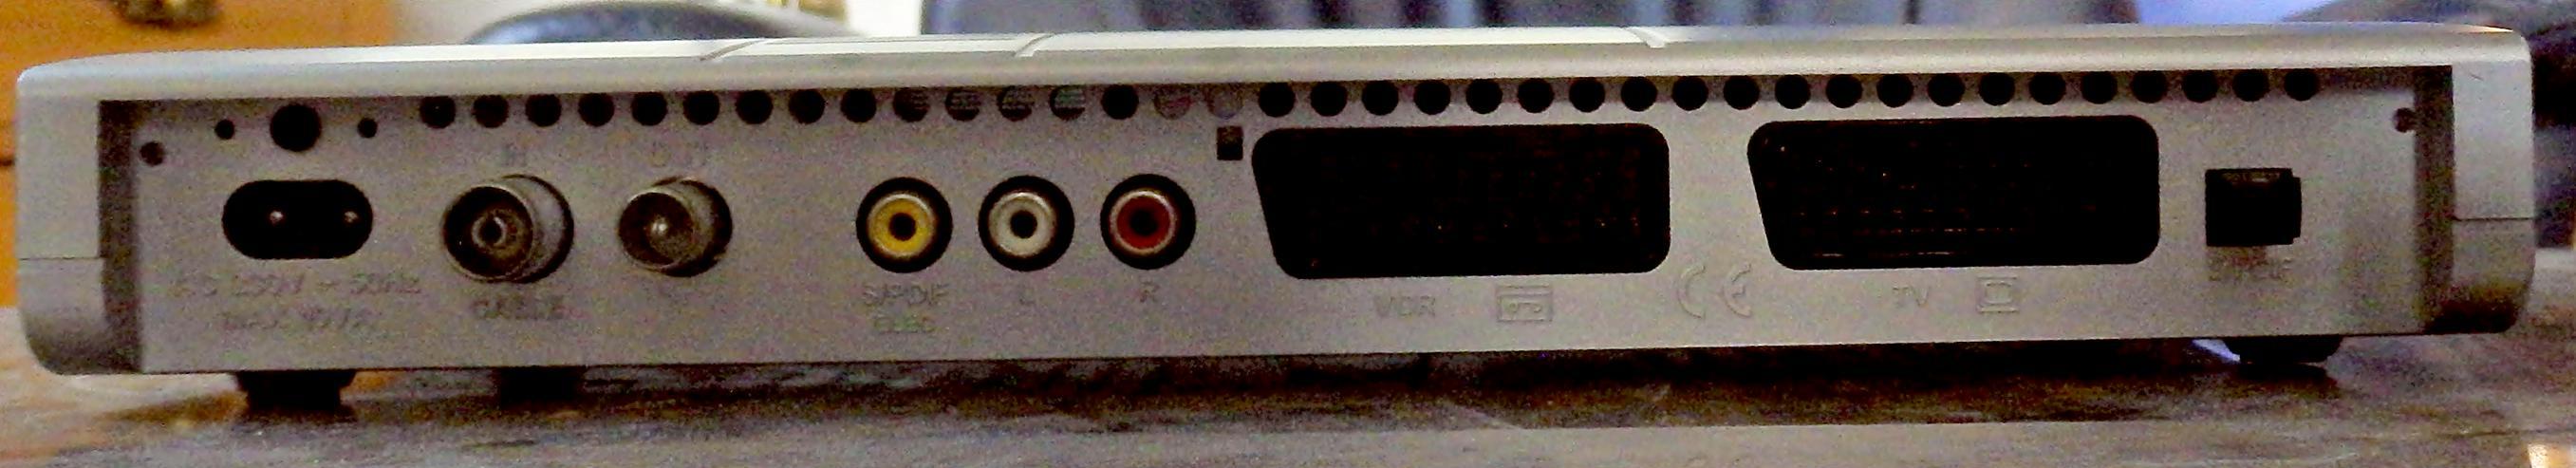 Bild 2: Digitalreceiver für Kabelfernsehen der Marke Technisat